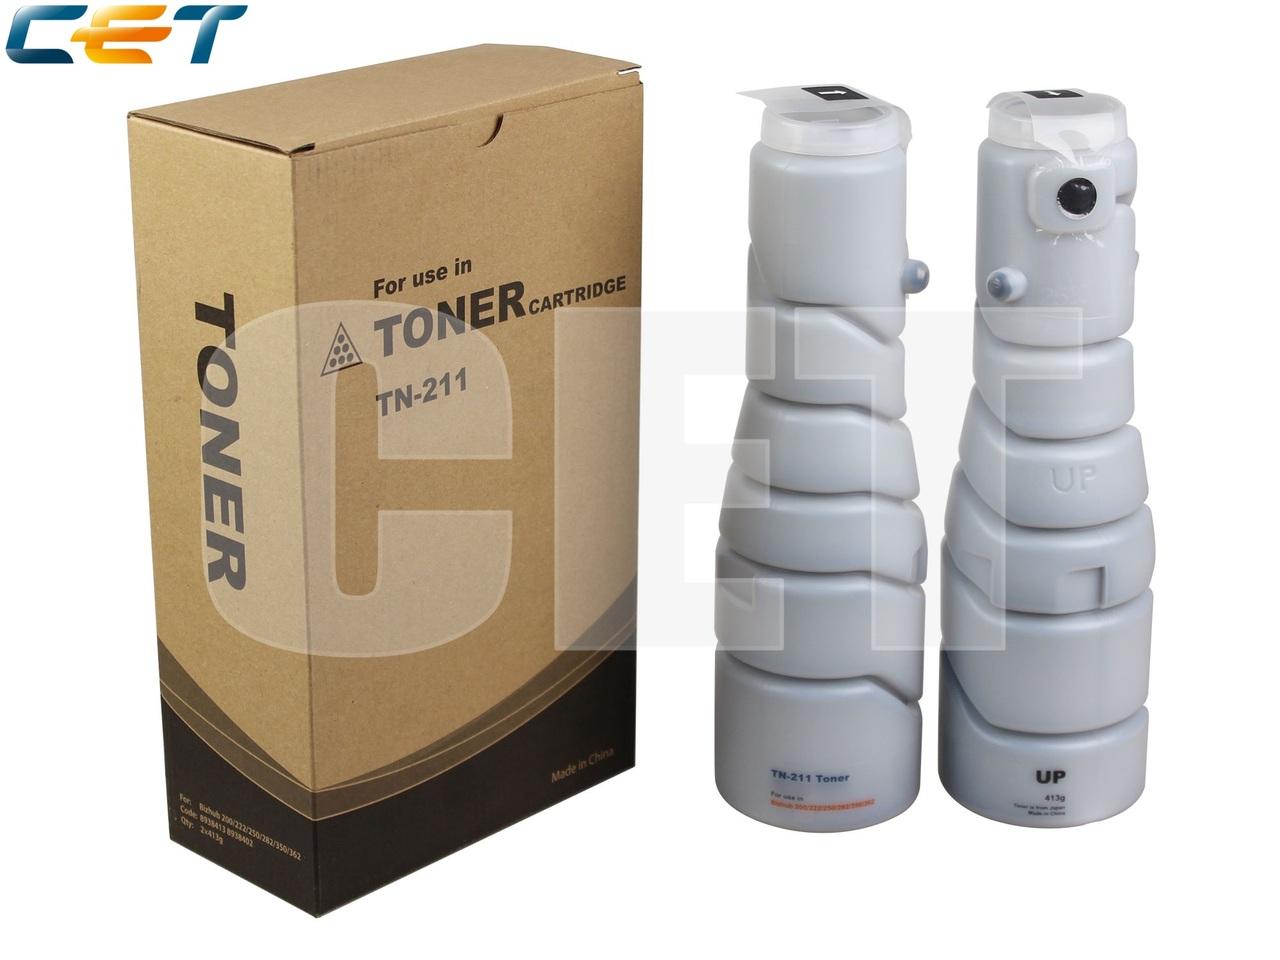 Тонер-картридж TN-211 для KONICA MINOLTA Bizhub200/222/250/282 (CET), 413г, 17000 стр., CET6706